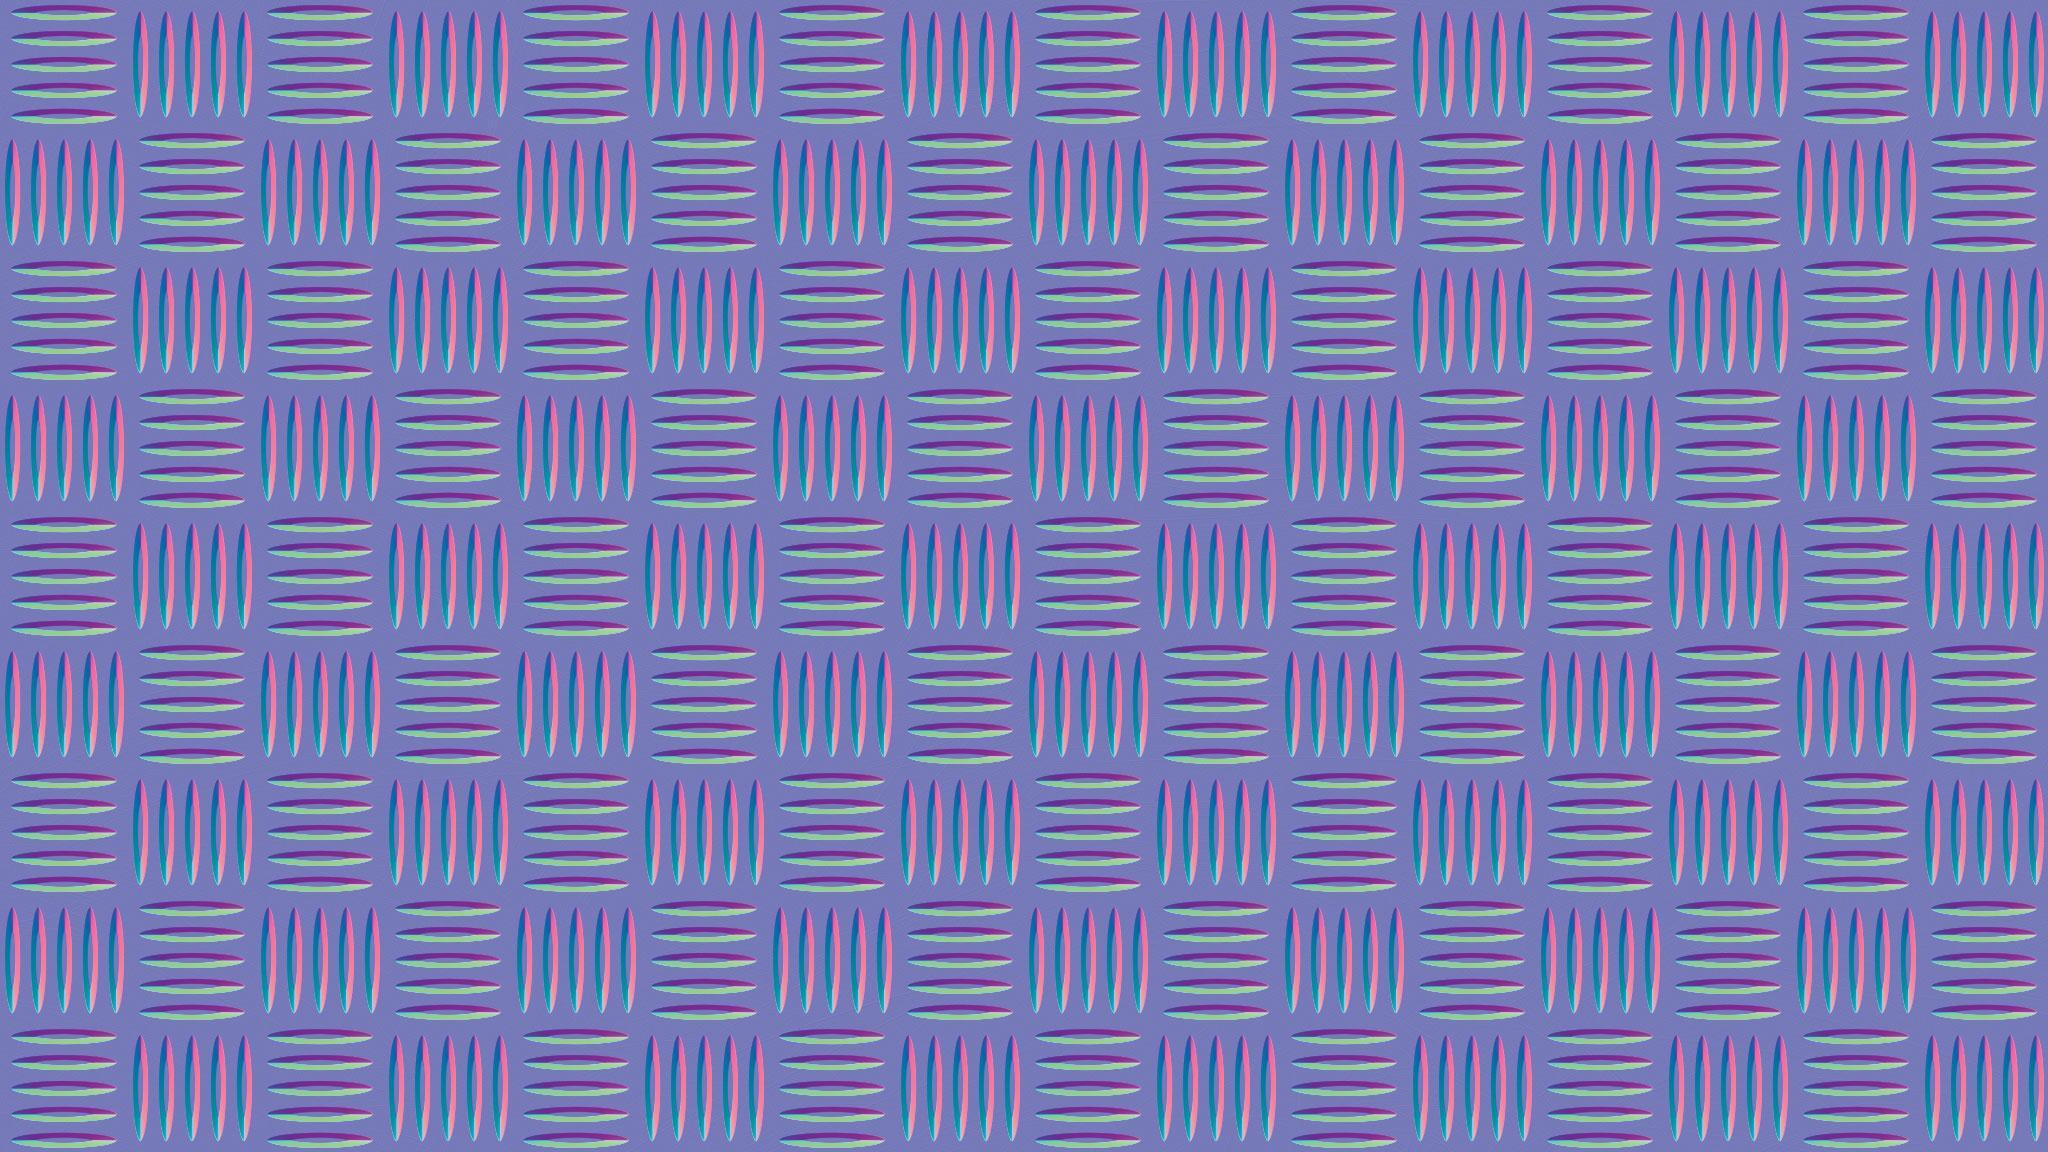 Metallic mesh pattern